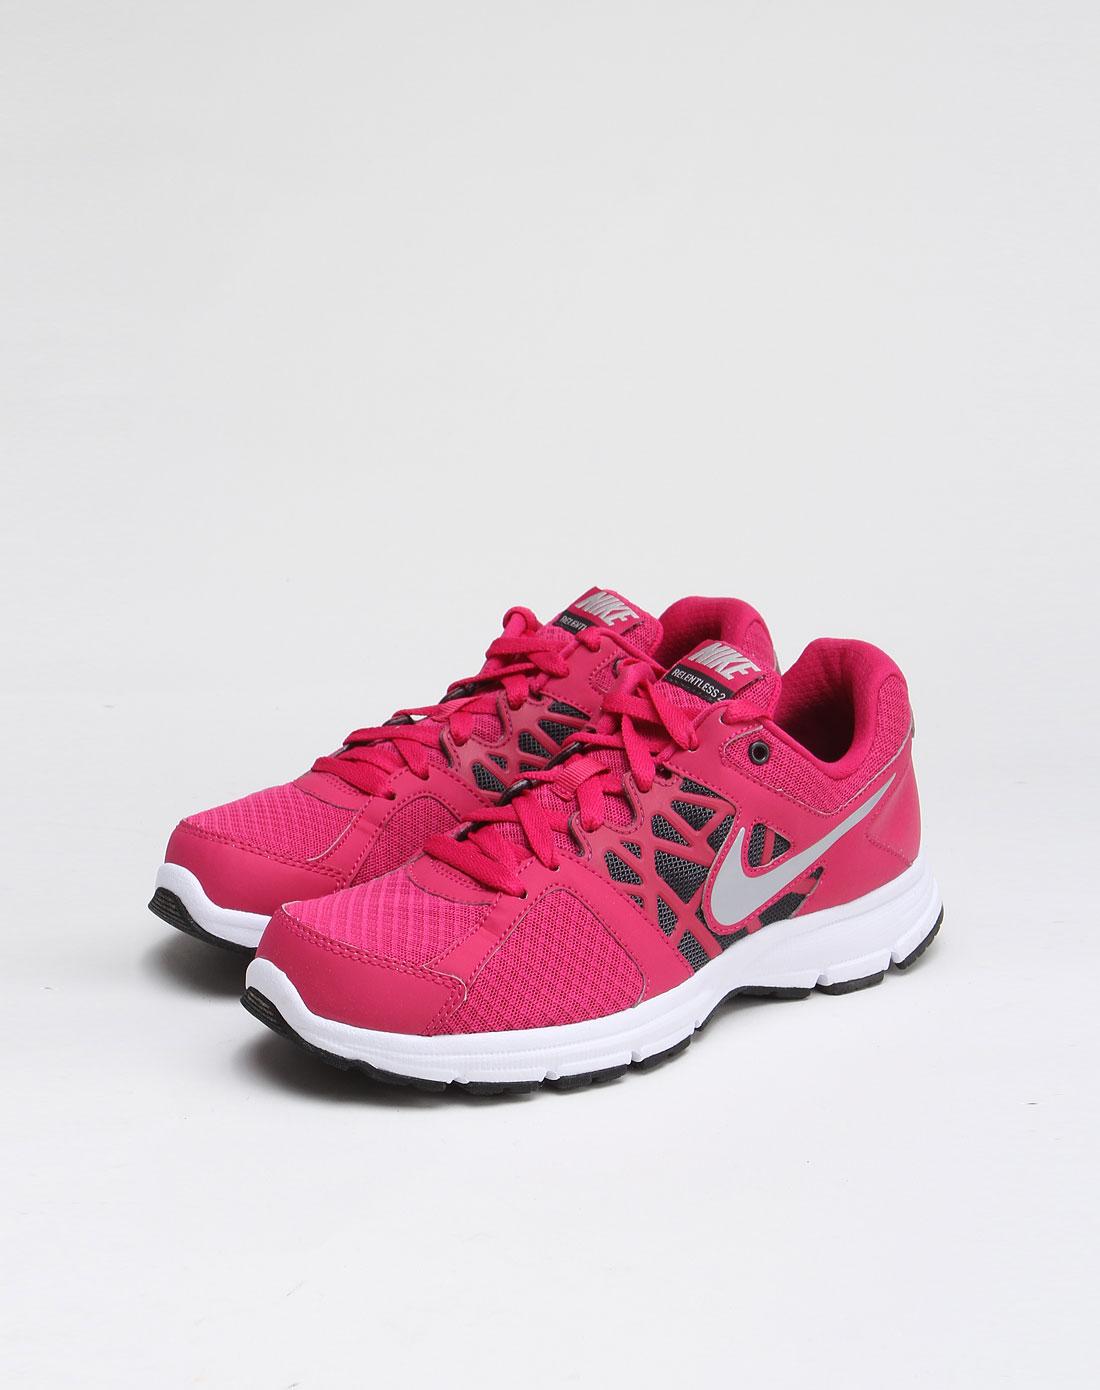 耐克nike-女鞋专场-玫红色舒适透气运动鞋